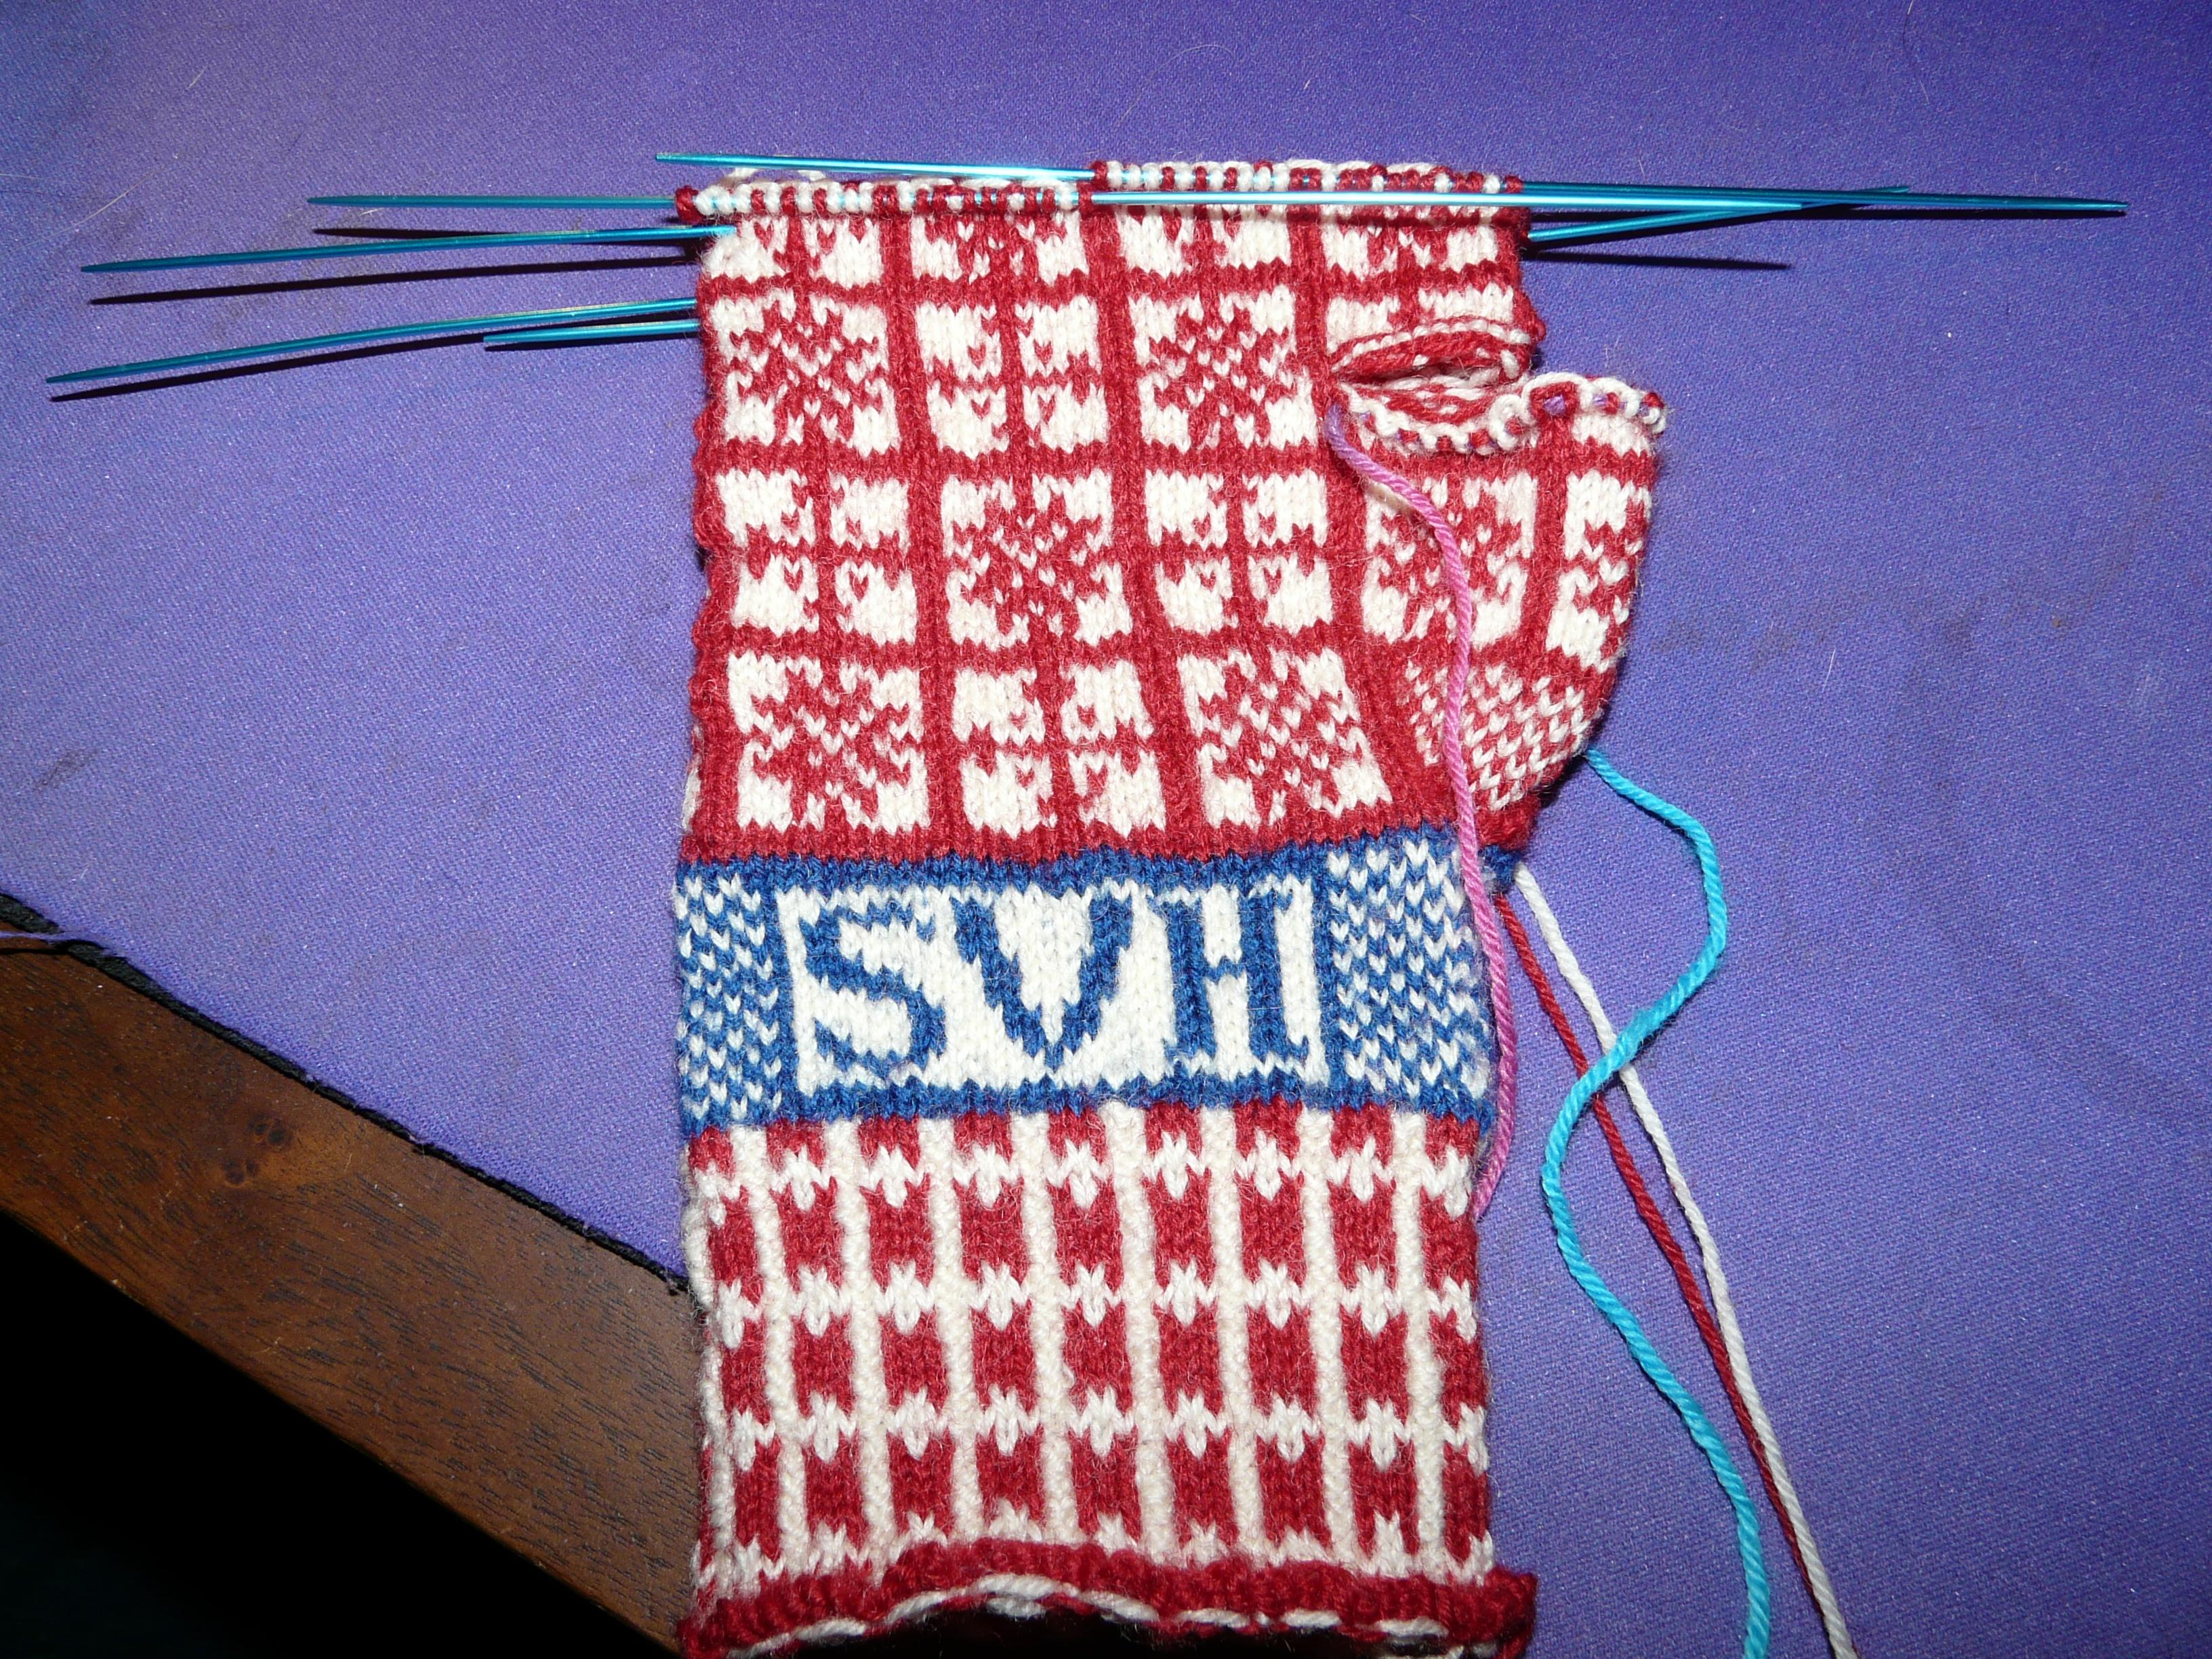 Snaquhar Gloves